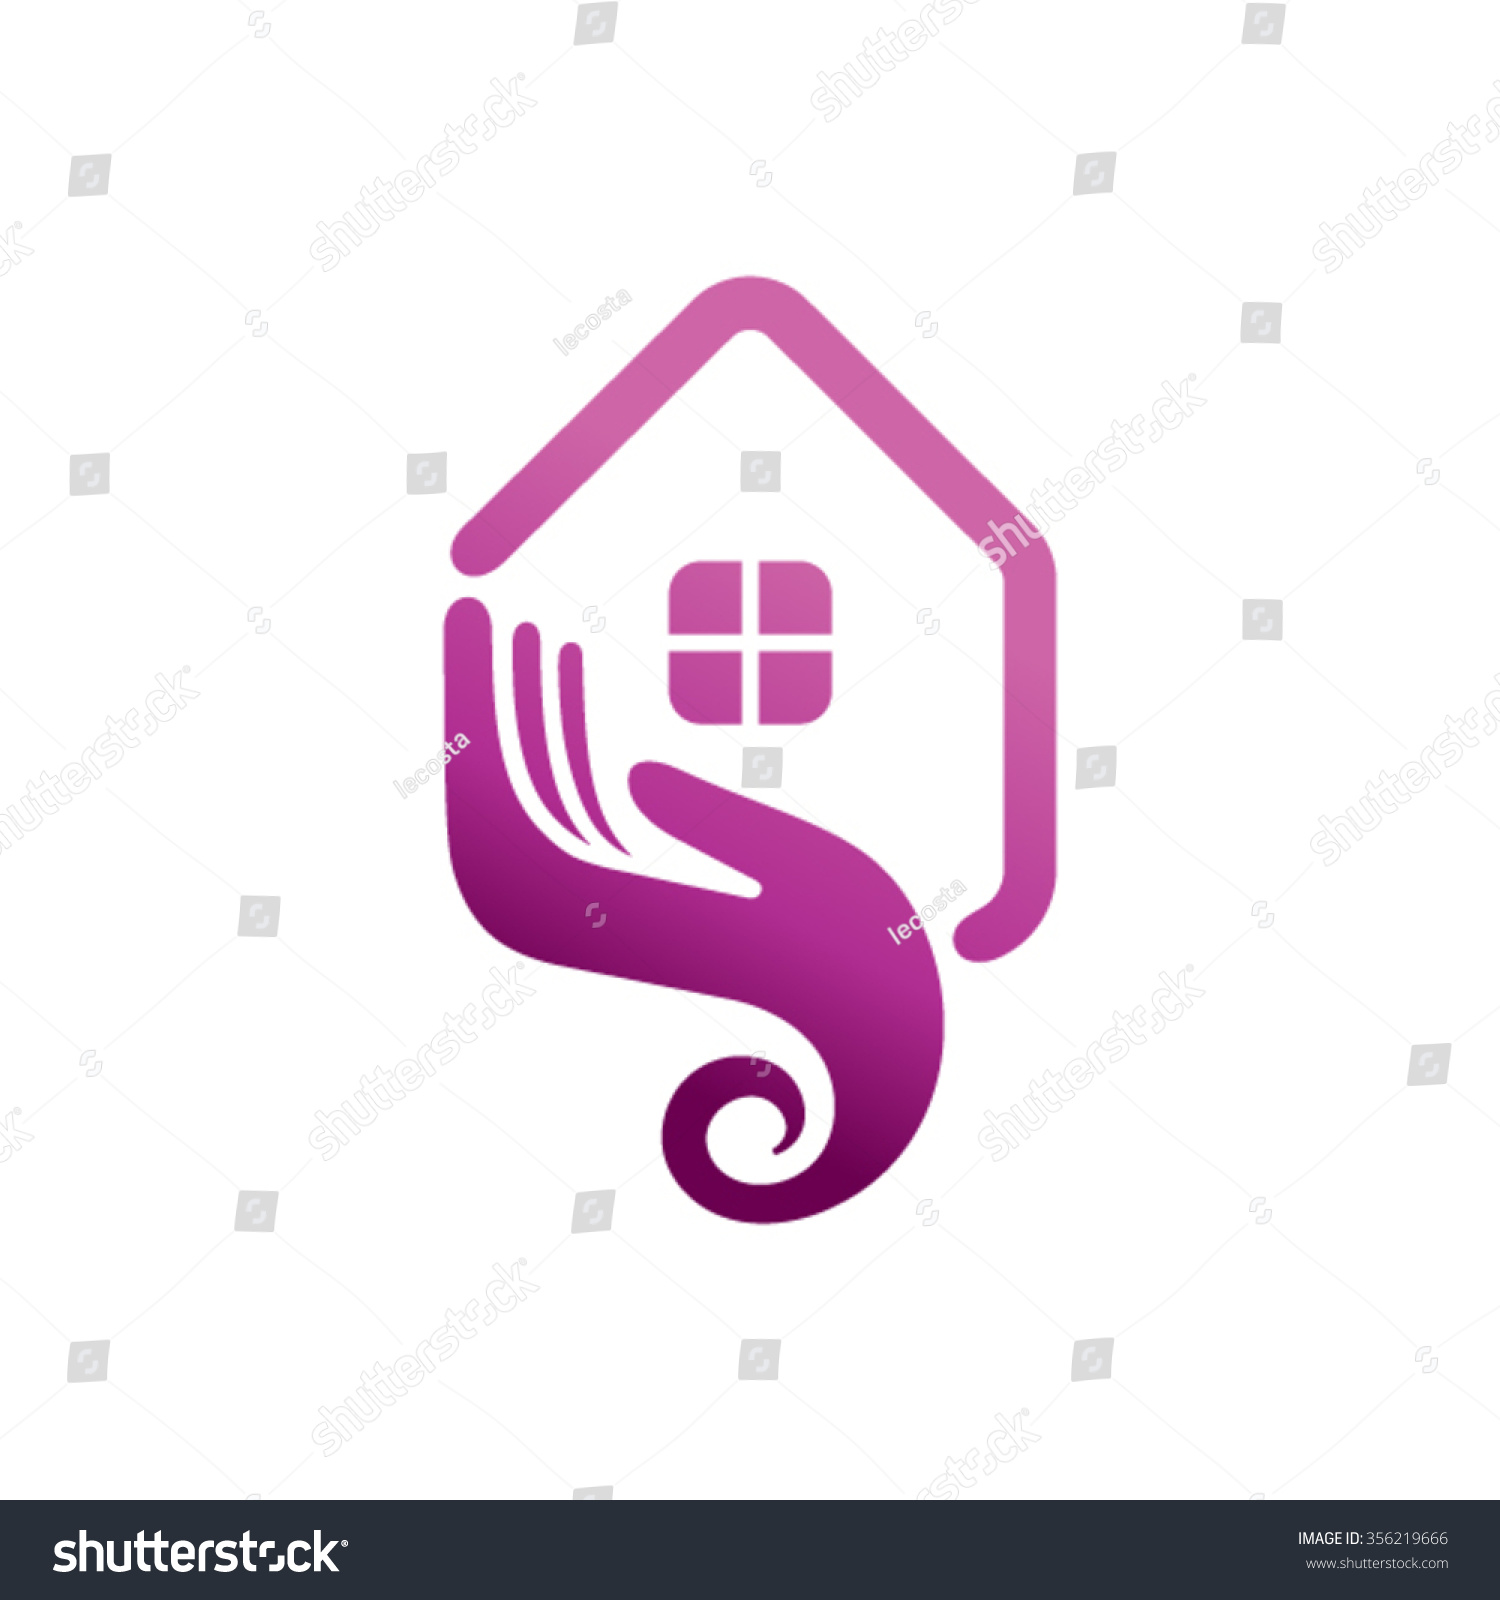 100 Logo Design For Homecare Logo Heart Logo Stock Photos Royalty Free Heart Logo Images